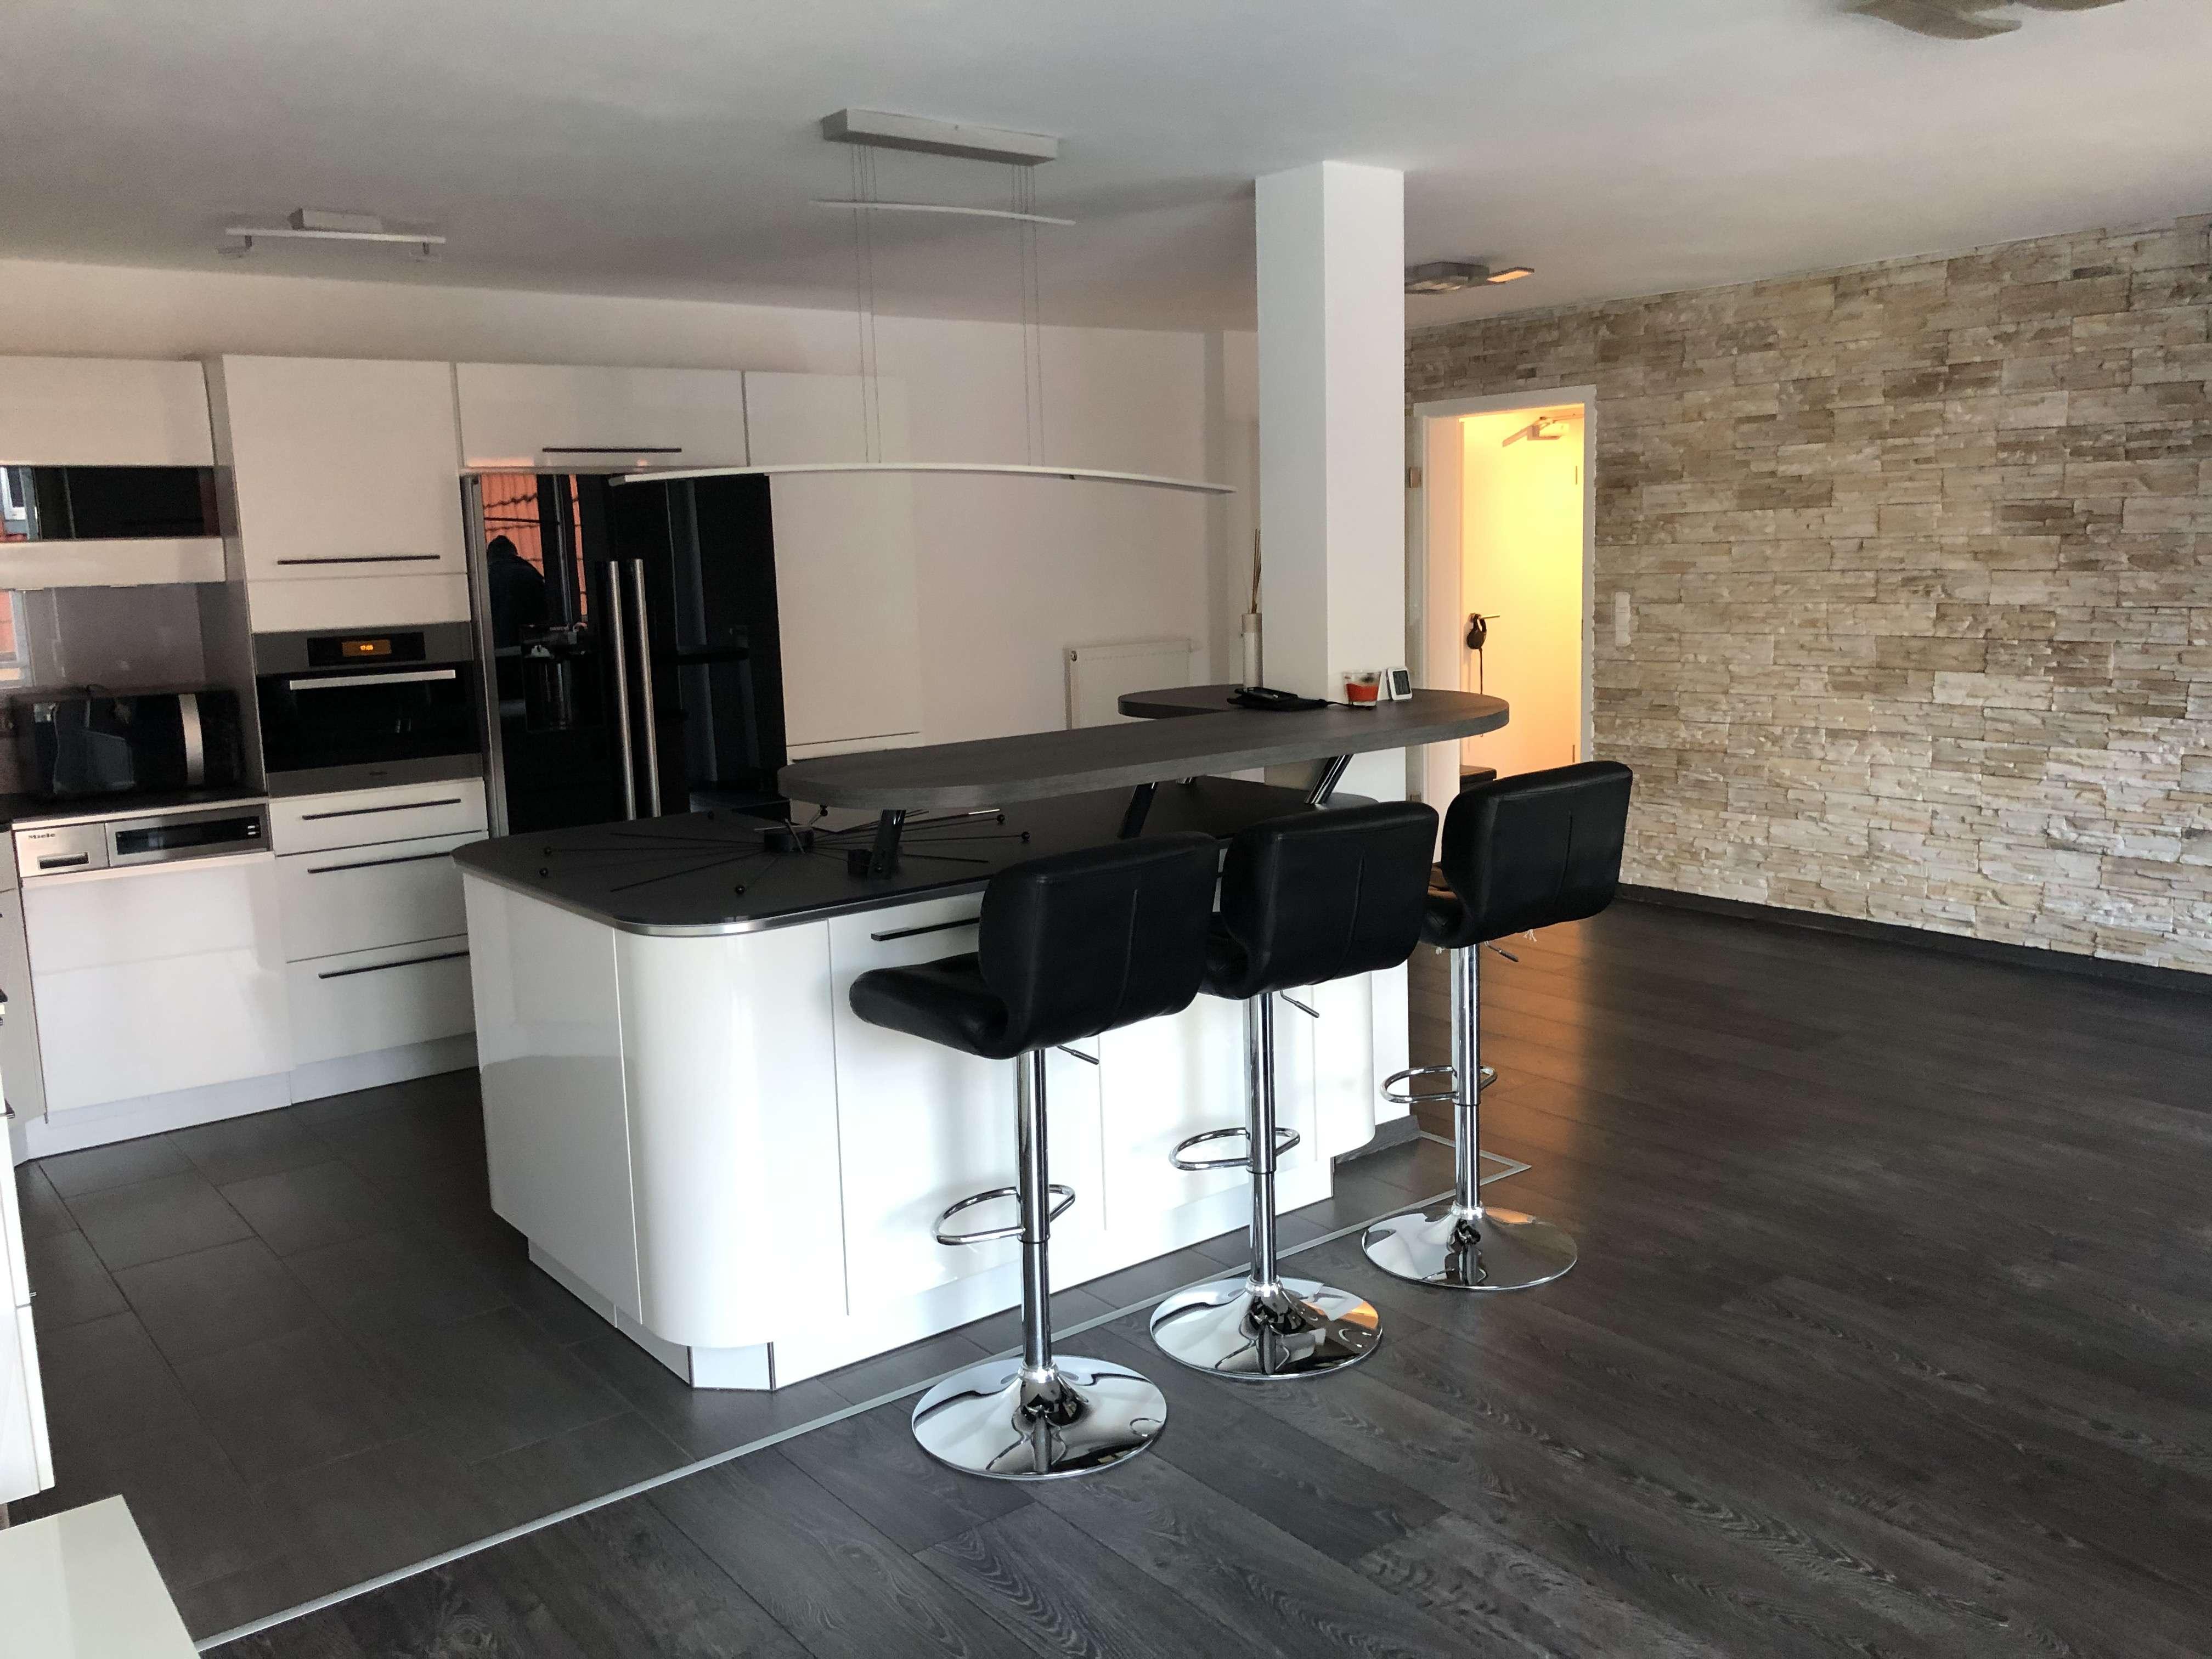 Provisionsfrei! DESIGN 3-Zimmer-Wohnung mit riesen Balkon und TOP Möbel, Einbauküche in Lappersdorf in